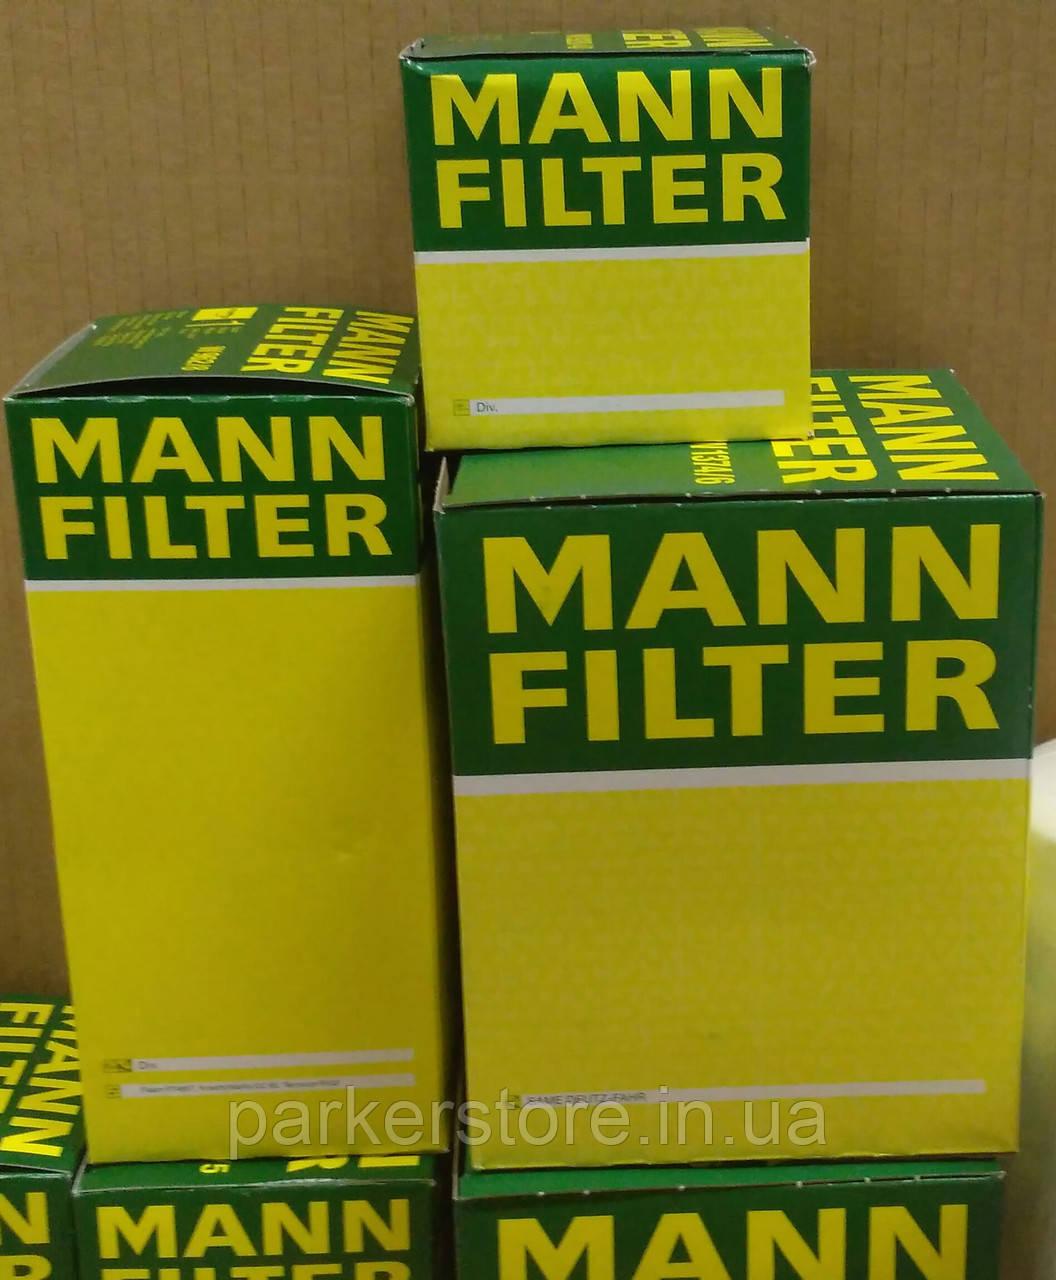 MANN FILTER / Воздушный фильтр / C 24 130 / C24130